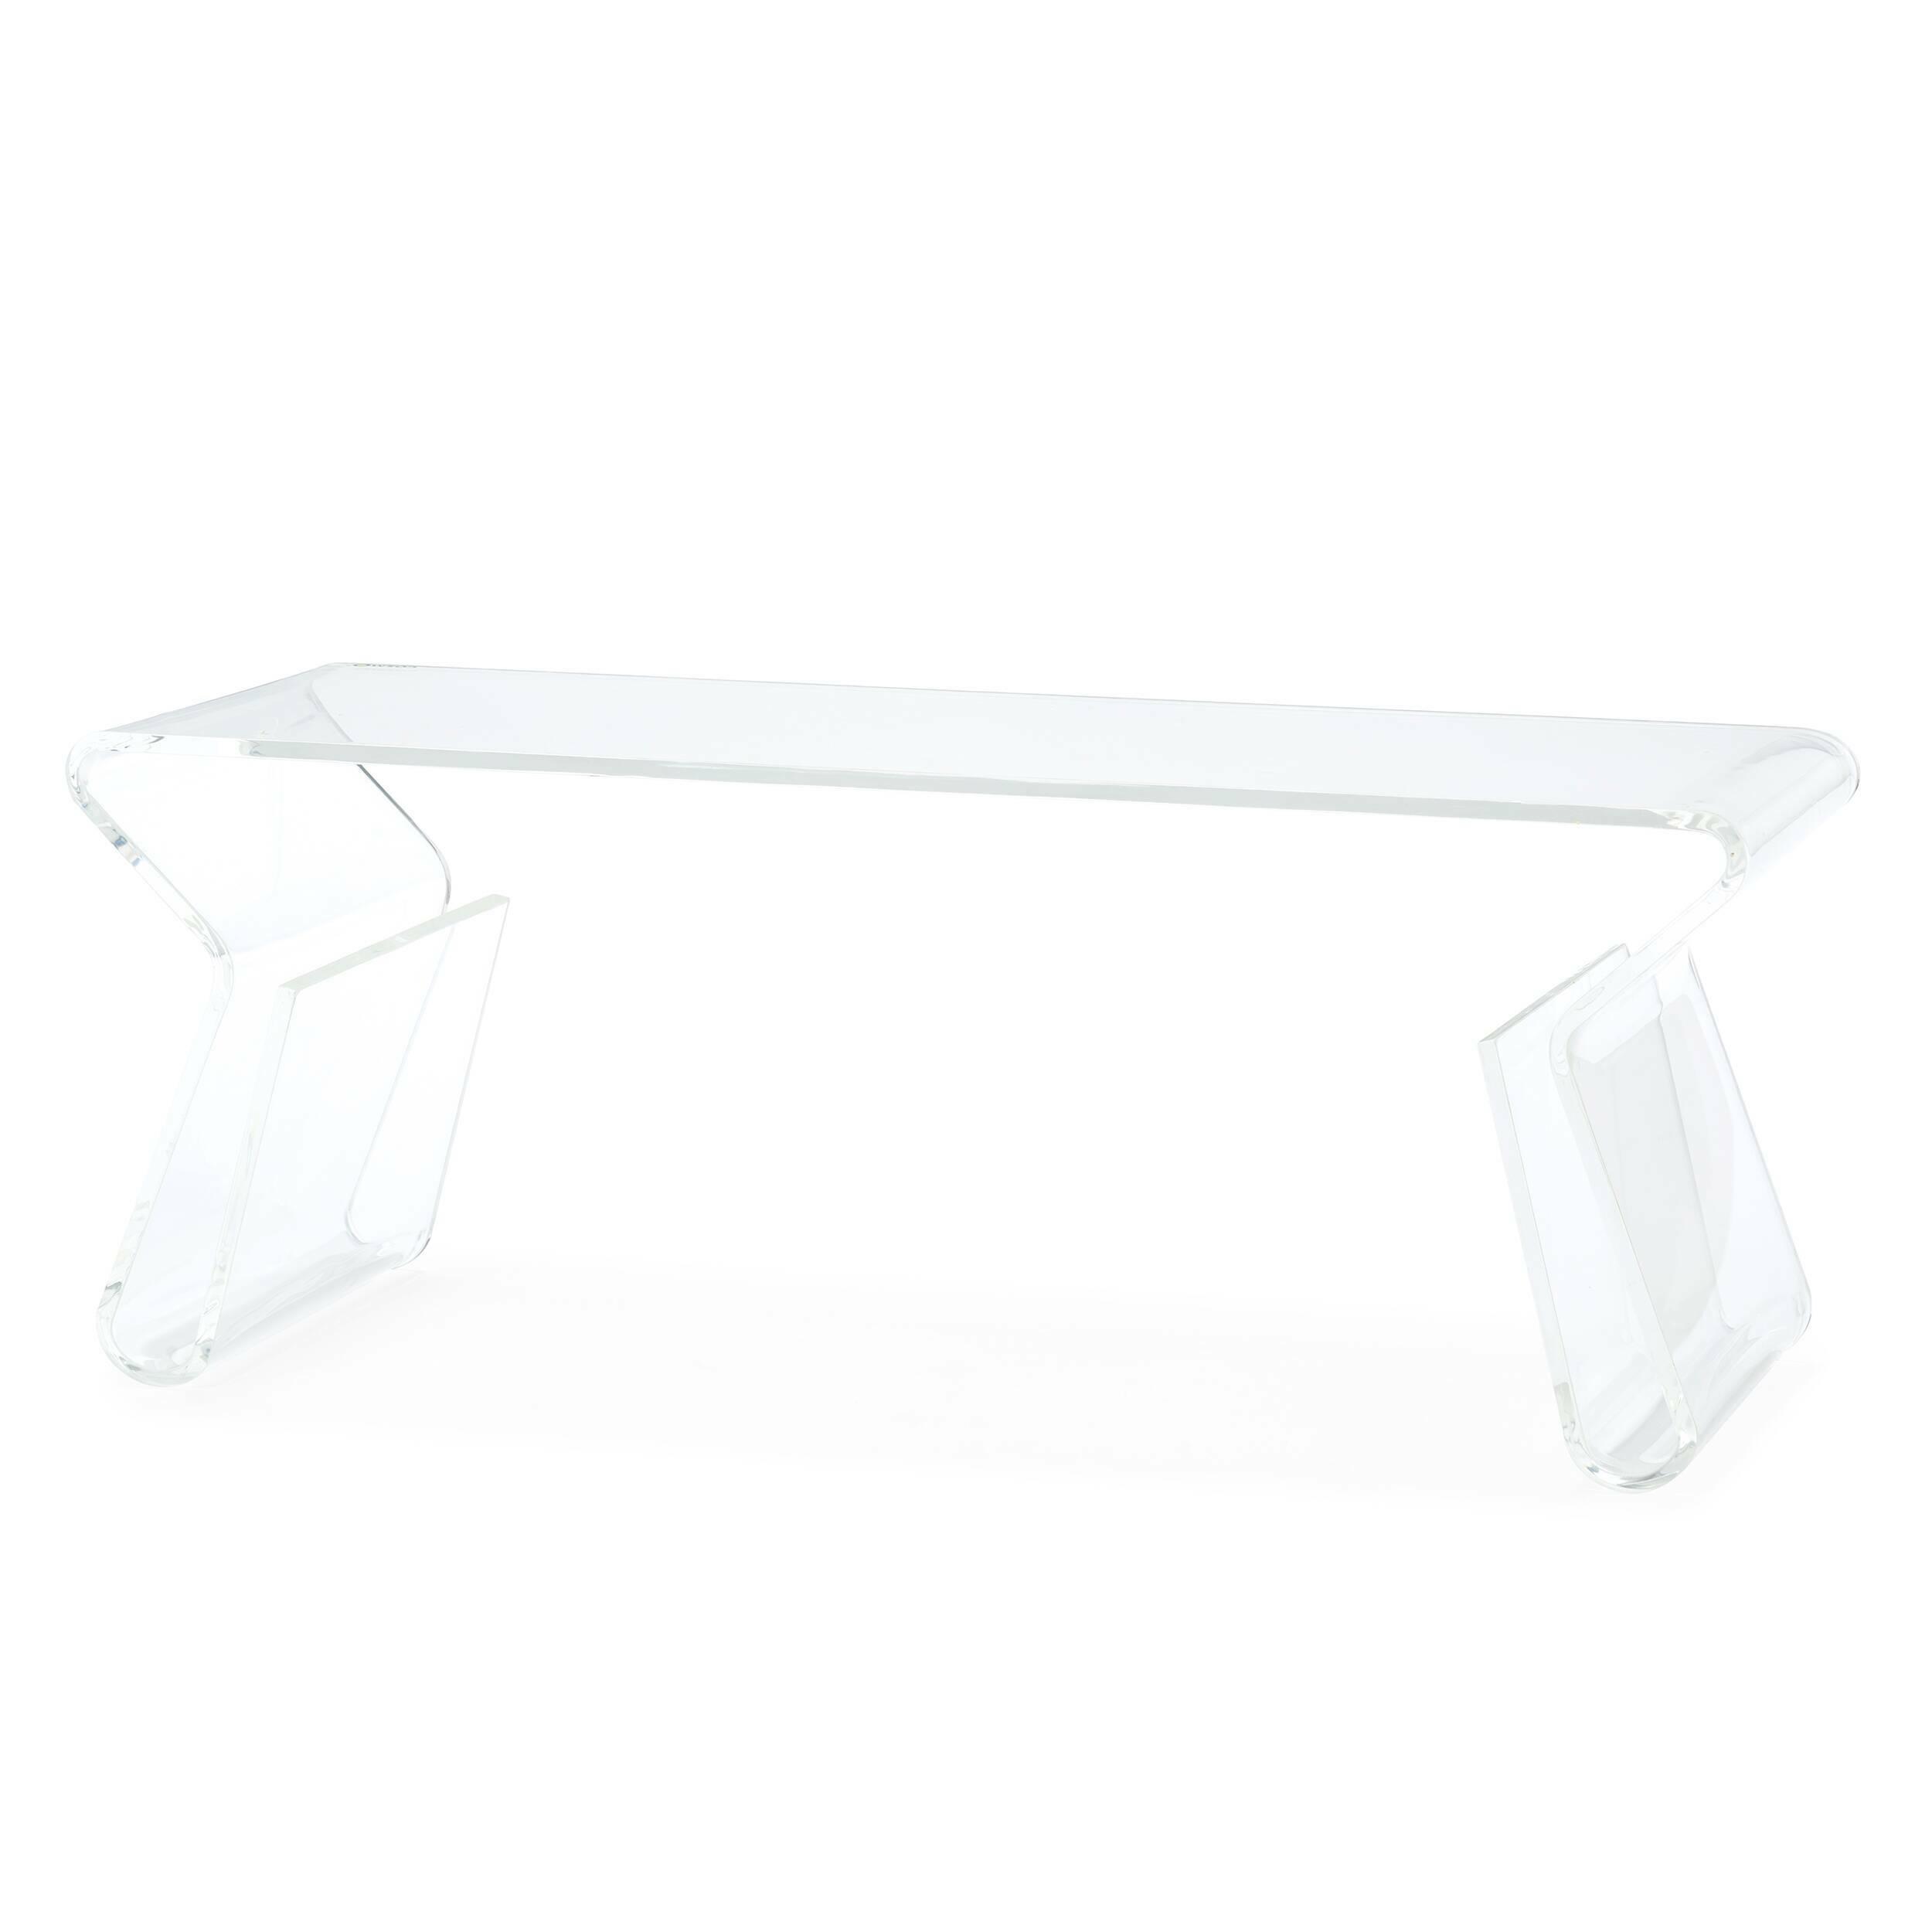 Кофейный стол AcrylicКофейные столики<br>Дизайнерский стильный акриловый прозрачный кофейный стол Acrylic (Акрилик) от Cosmo (Космо).<br><br><br> Хотите сделать свой интерьер по-настоящему красивым и удобным? Без лишних нагромождений, но чтобы пребывание в нем было максимально комфортным? Тогда стоит обратить внимание на такую важную деталь интерьера, как журнальный или кофейный столик. Благодаря ему вы всегда сможете держать под рукой часто используемые предметы, и кроме того, он отлично украсит и разнообразит обстановку всего помещен...<br><br>stock: 0<br>Высота: 39,5<br>Ширина: 40<br>Диаметр: 100<br>Тип материала каркаса: Акрил<br>Цвет каркаса: Прозрачный